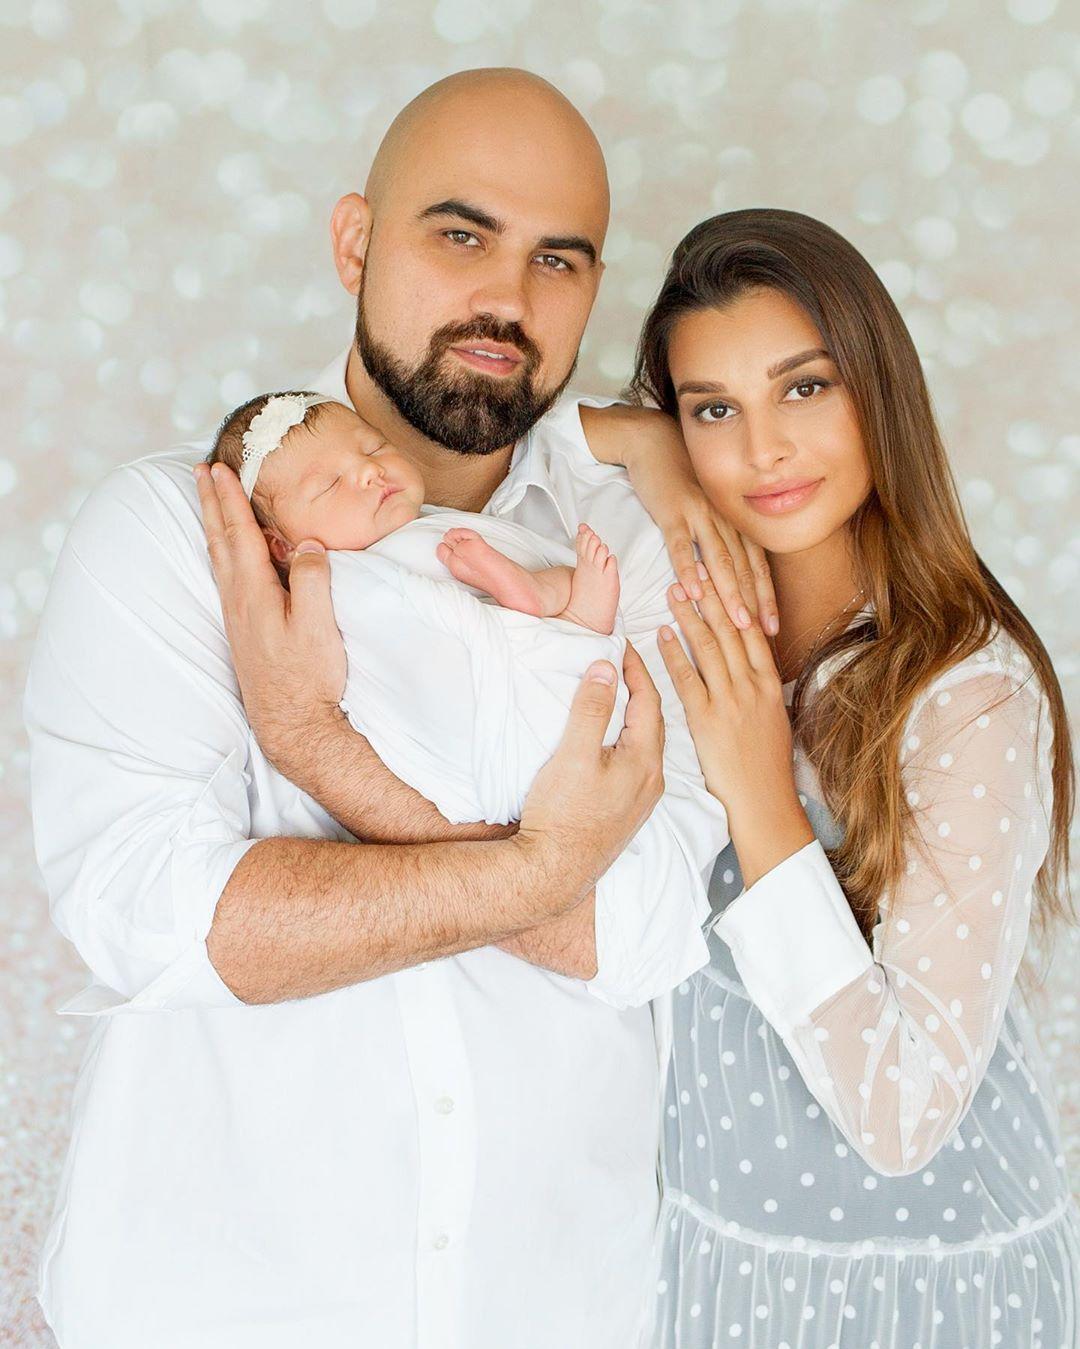 Артик показал милое фото с женой и ребенком